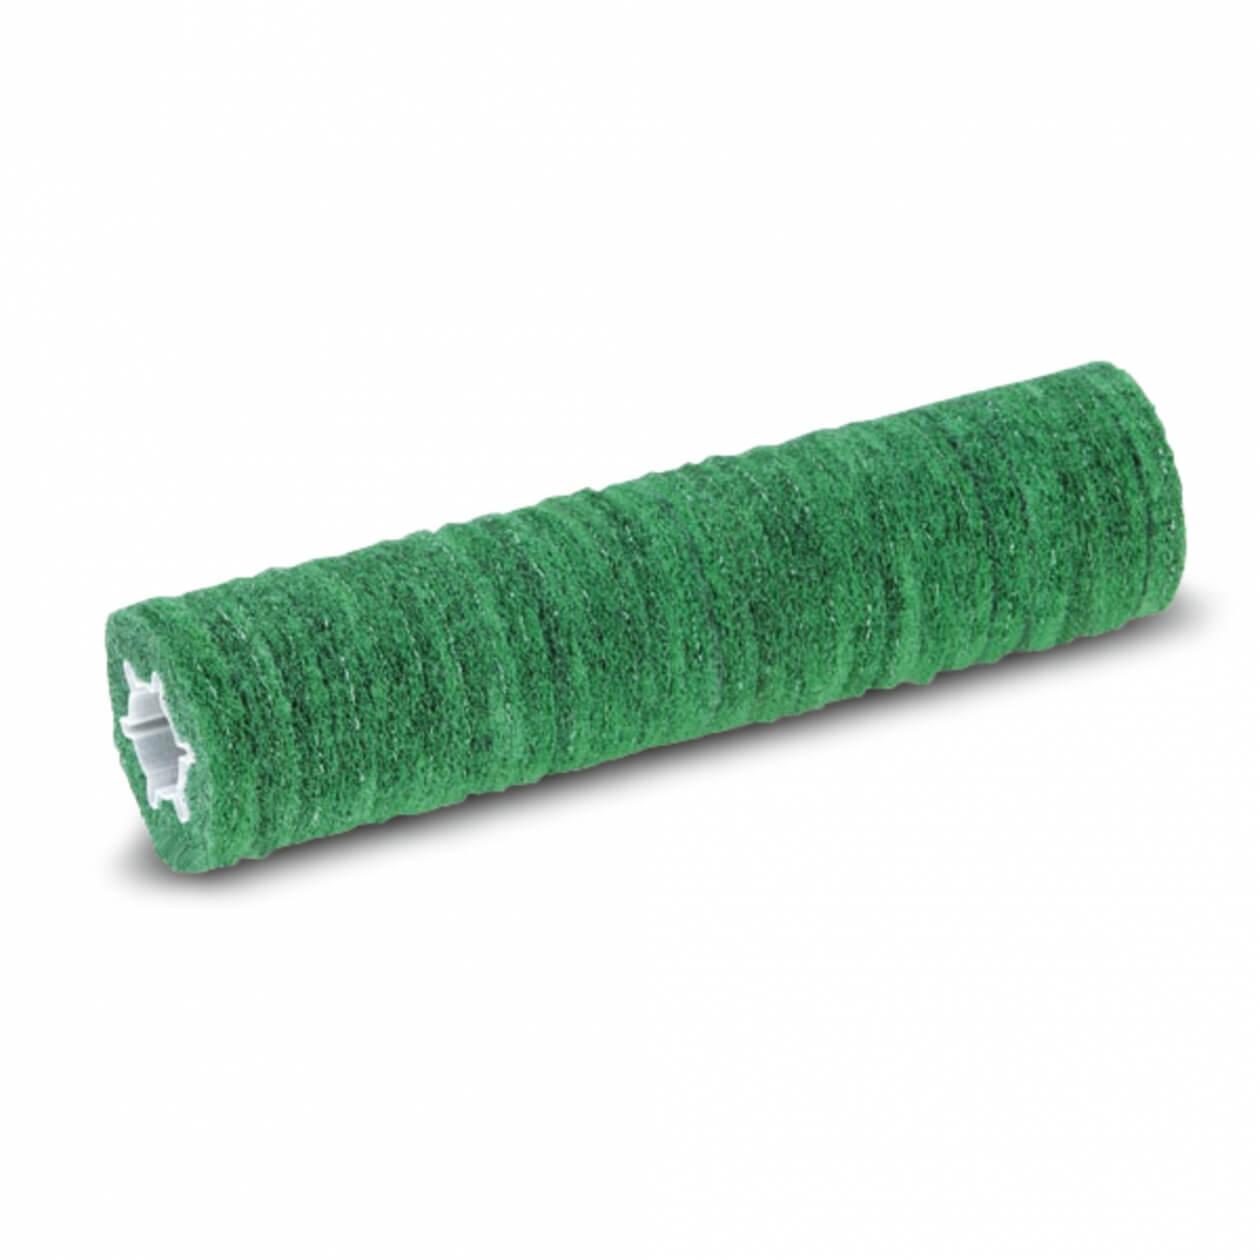 Kärcher, valsepad, hård, grøn, 530/96mm